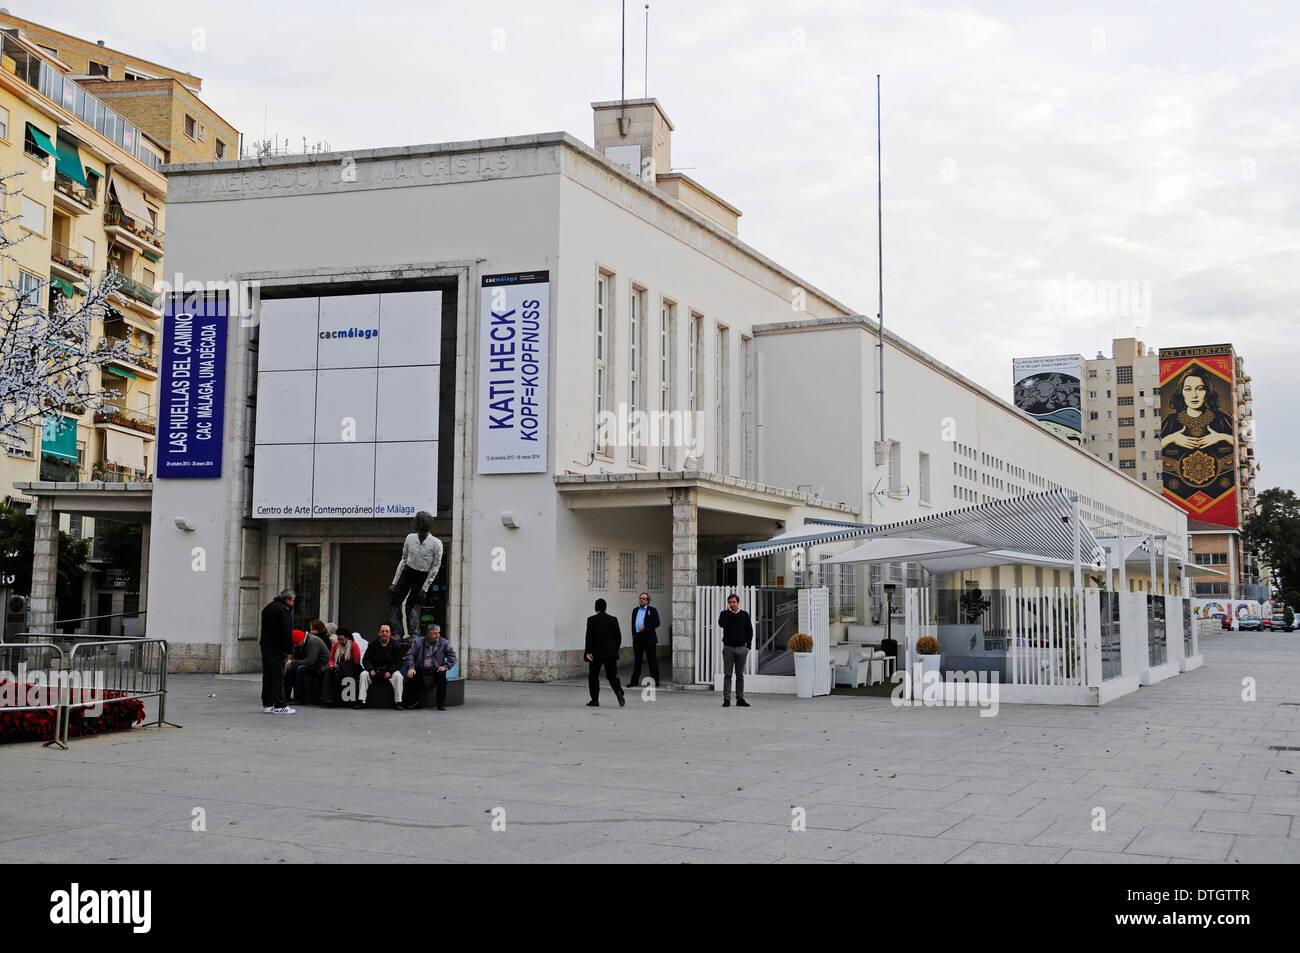 Centro de Arte Contemporaneo, centro di arte contemporanea, Malaga, provincia di Malaga, Andalusia, Spagna Immagini Stock